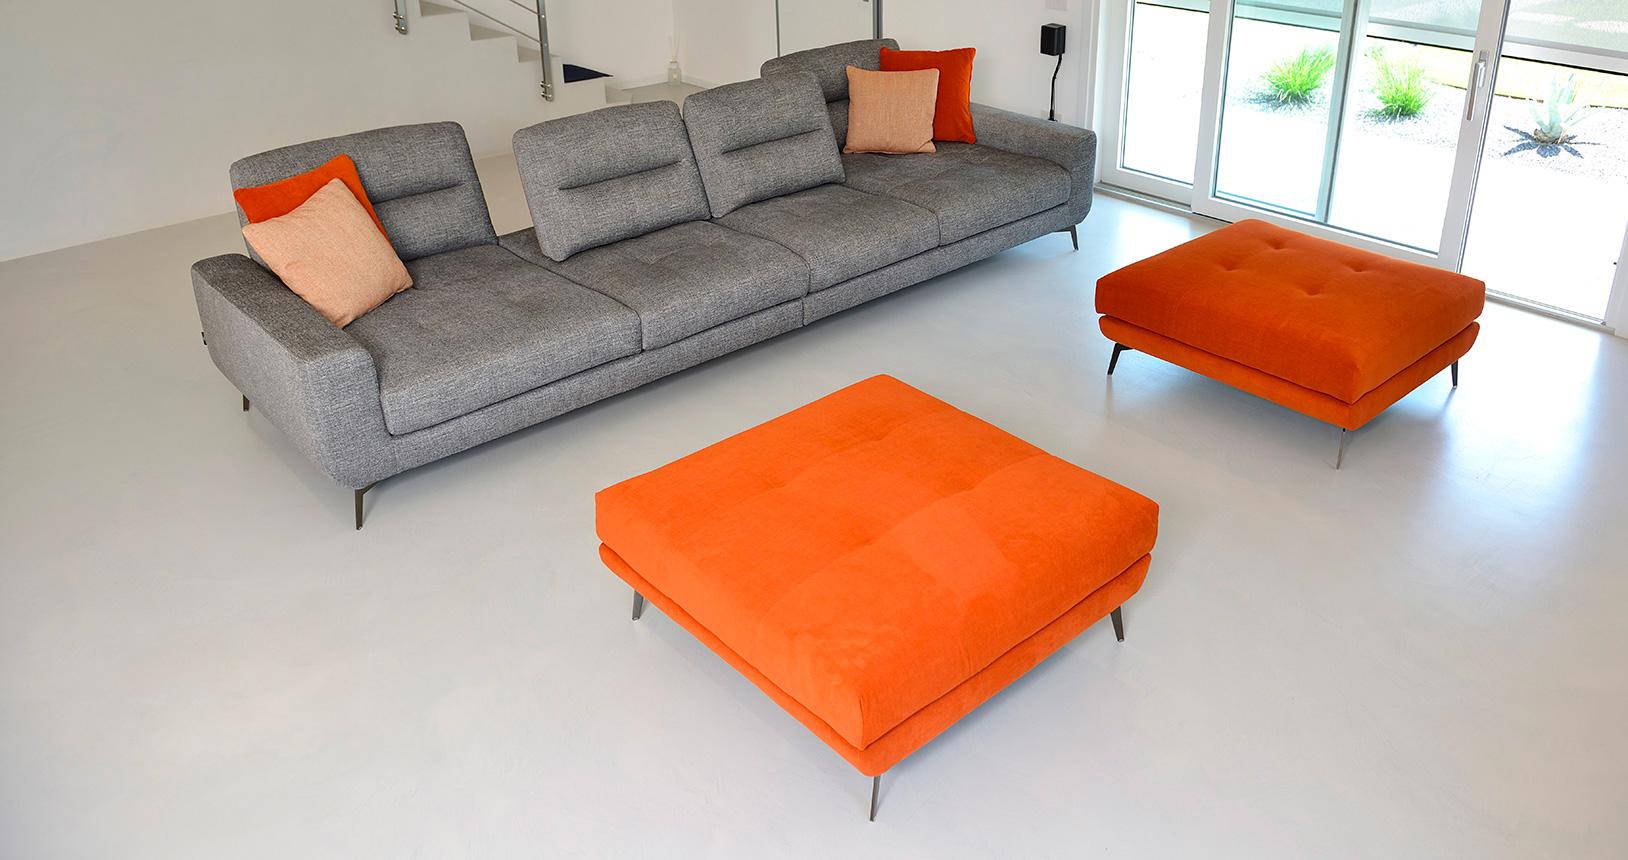 isabella-divano-grigio-pouf-arancio